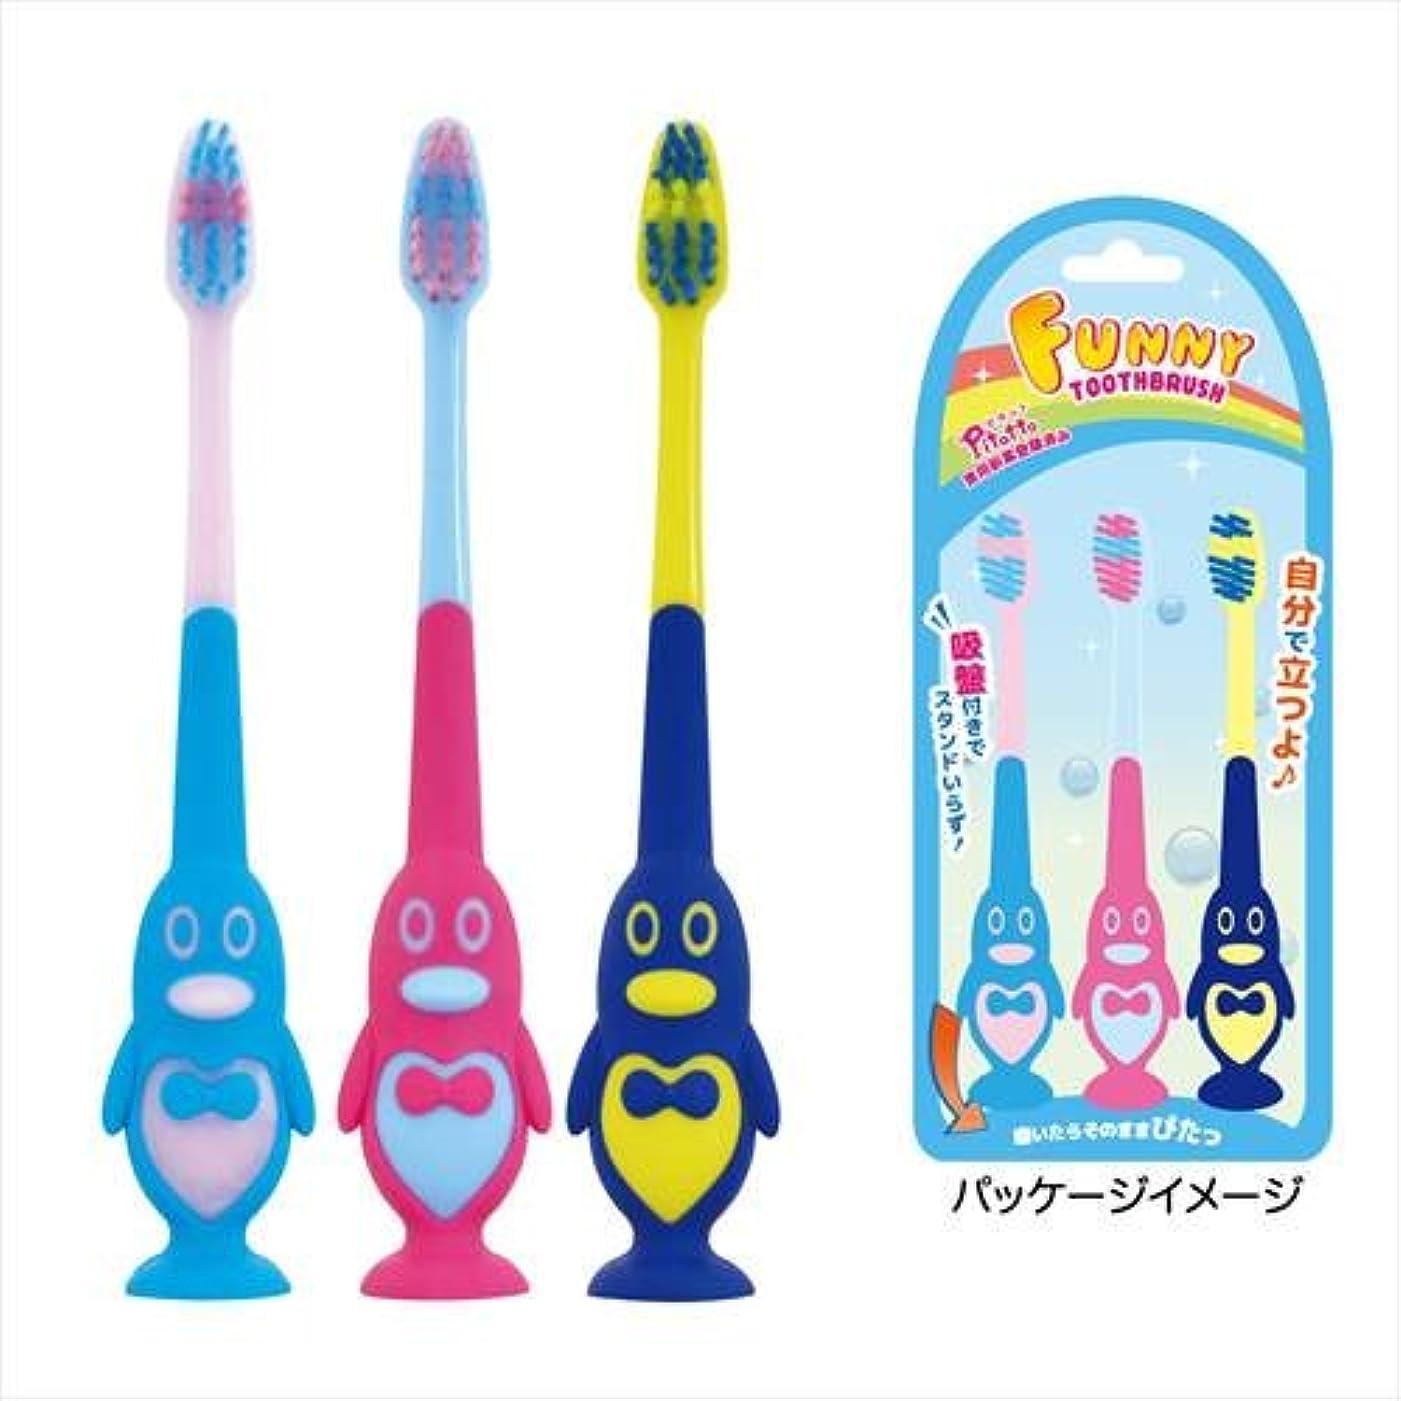 哲学者困った参照する[歯ブラシ] 吸盤付き歯ブラシ 3本セット/ペンギン ユーカンパニー かわいい 洗面用具 グッズ 通販